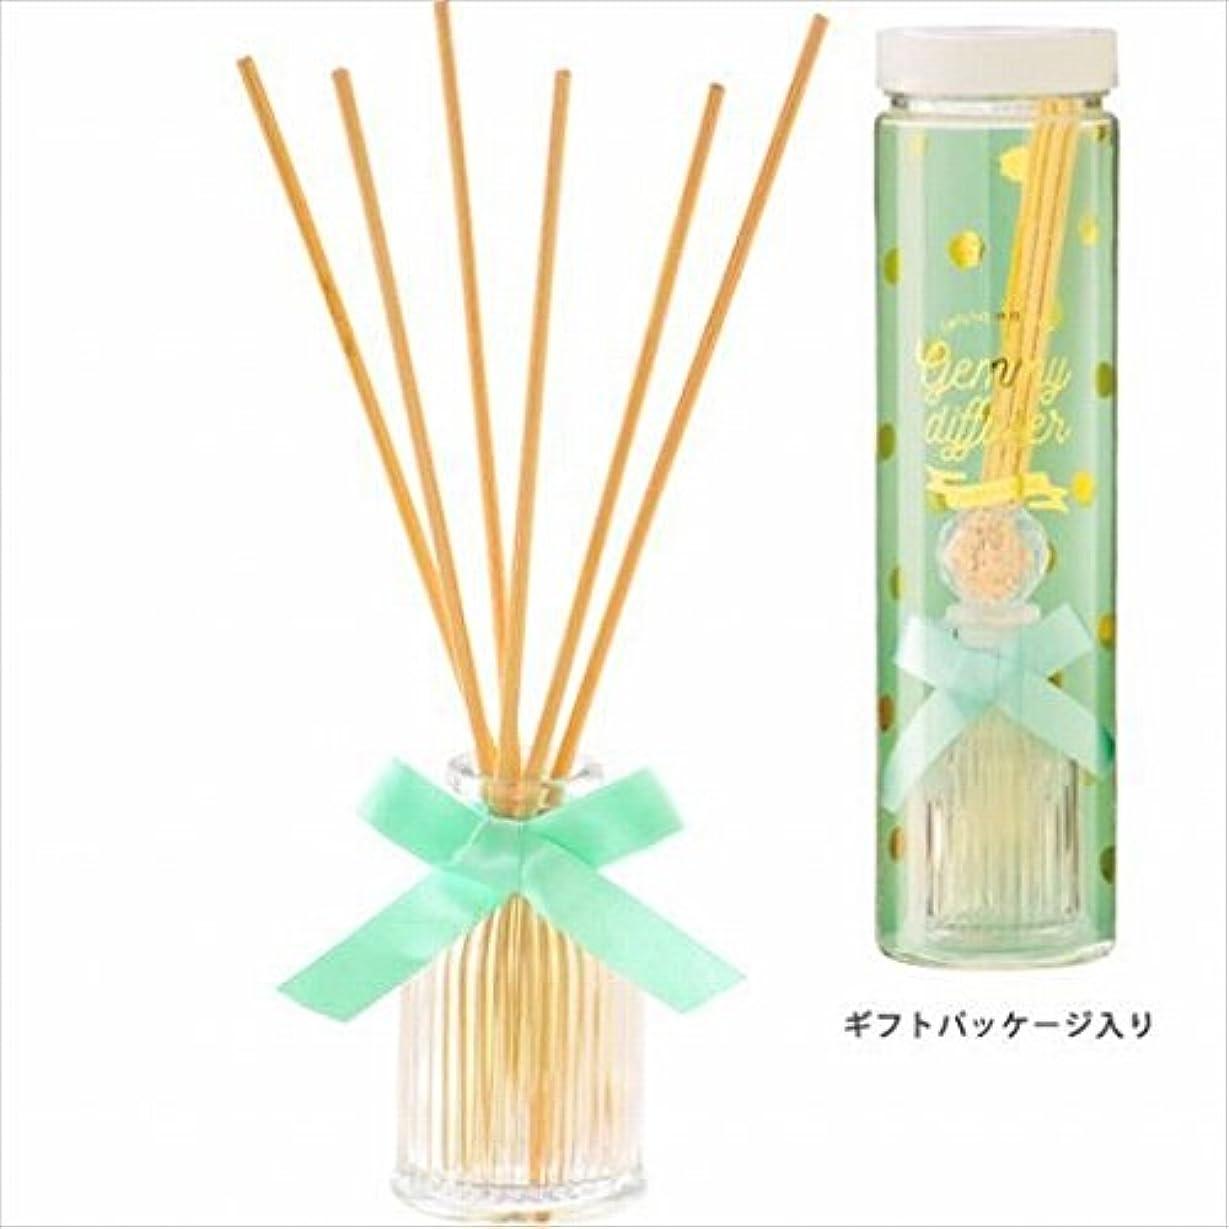 一部オプショナルごめんなさいkameyama candle(カメヤマキャンドル) GEMMY (ジェミー) ディフューザー 「 タイム 」6個セット(E3280510)